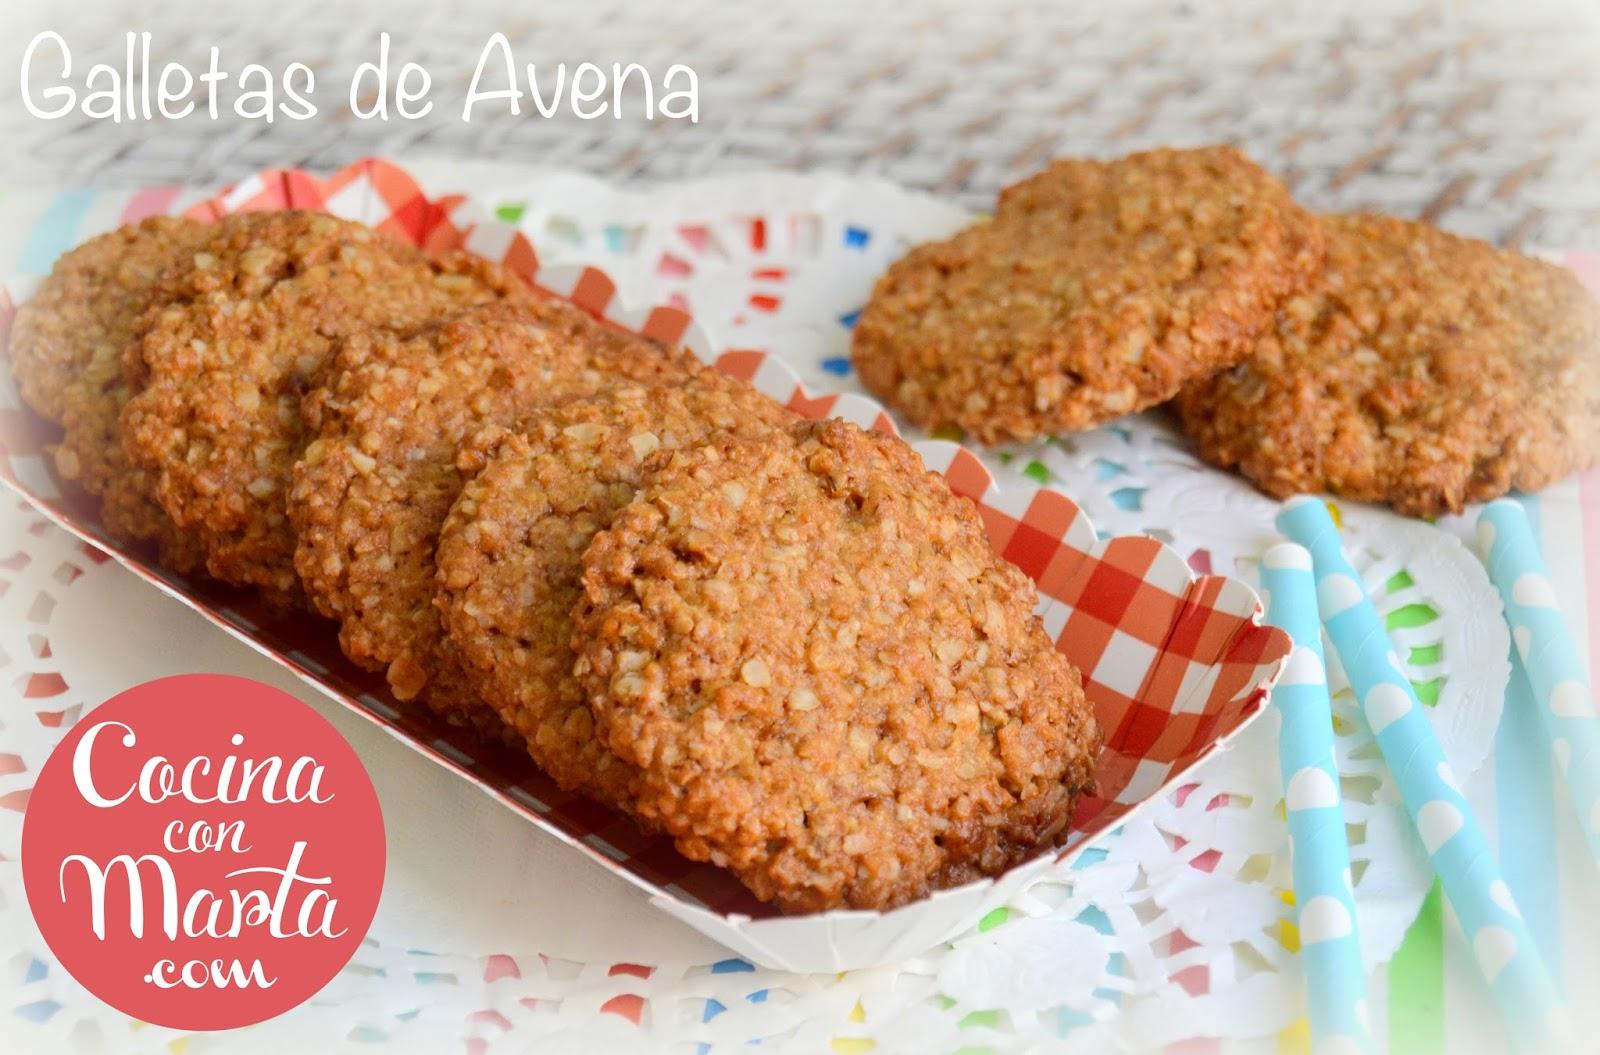 Cocina con marta recetas f ciles r pidas y caseras - Platos rapidos y sencillos ...